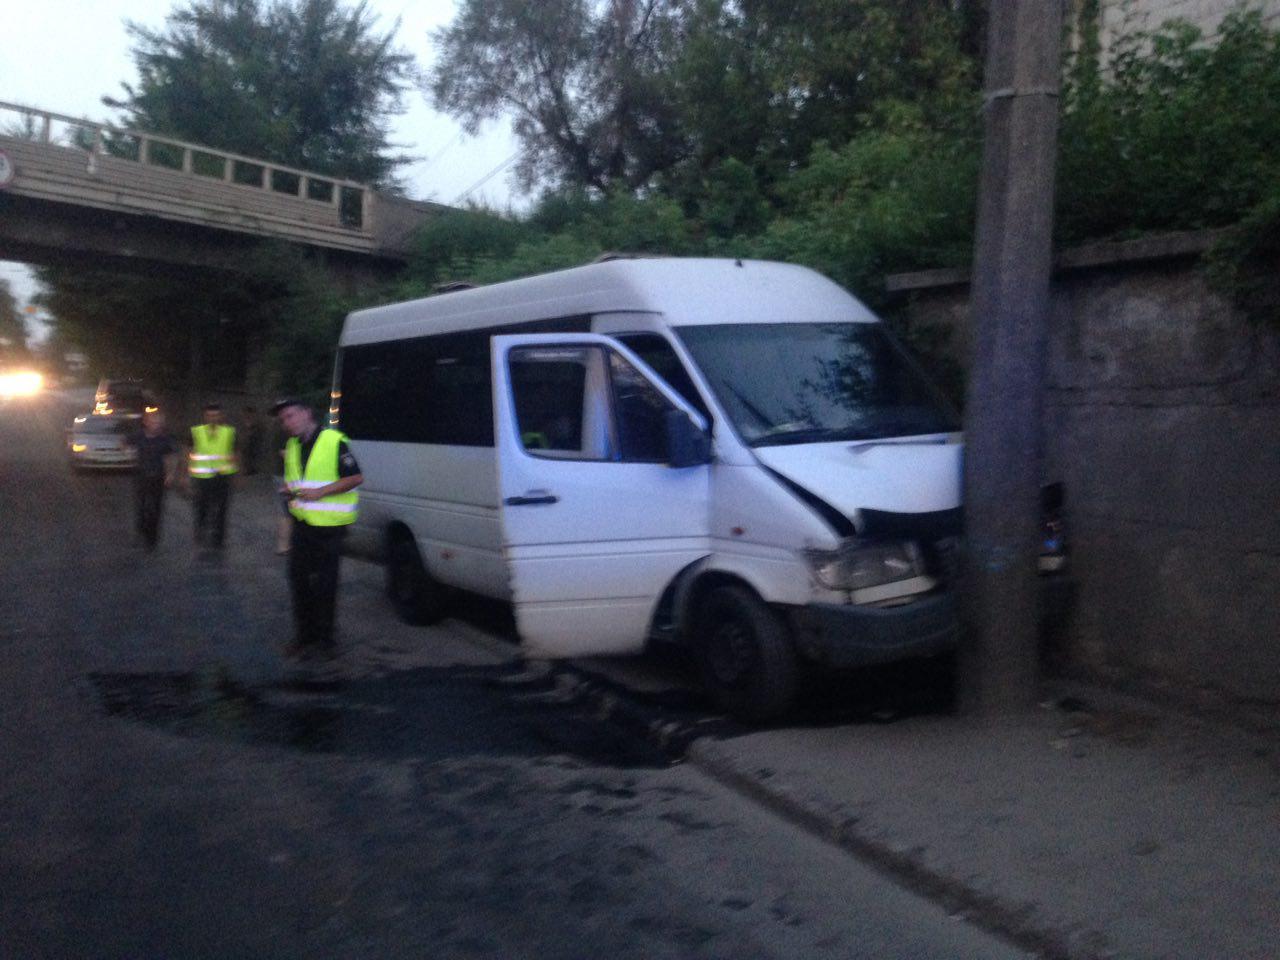 В Запорожье маршрутка врезалась в столб: есть пострадавшие - ФОТО